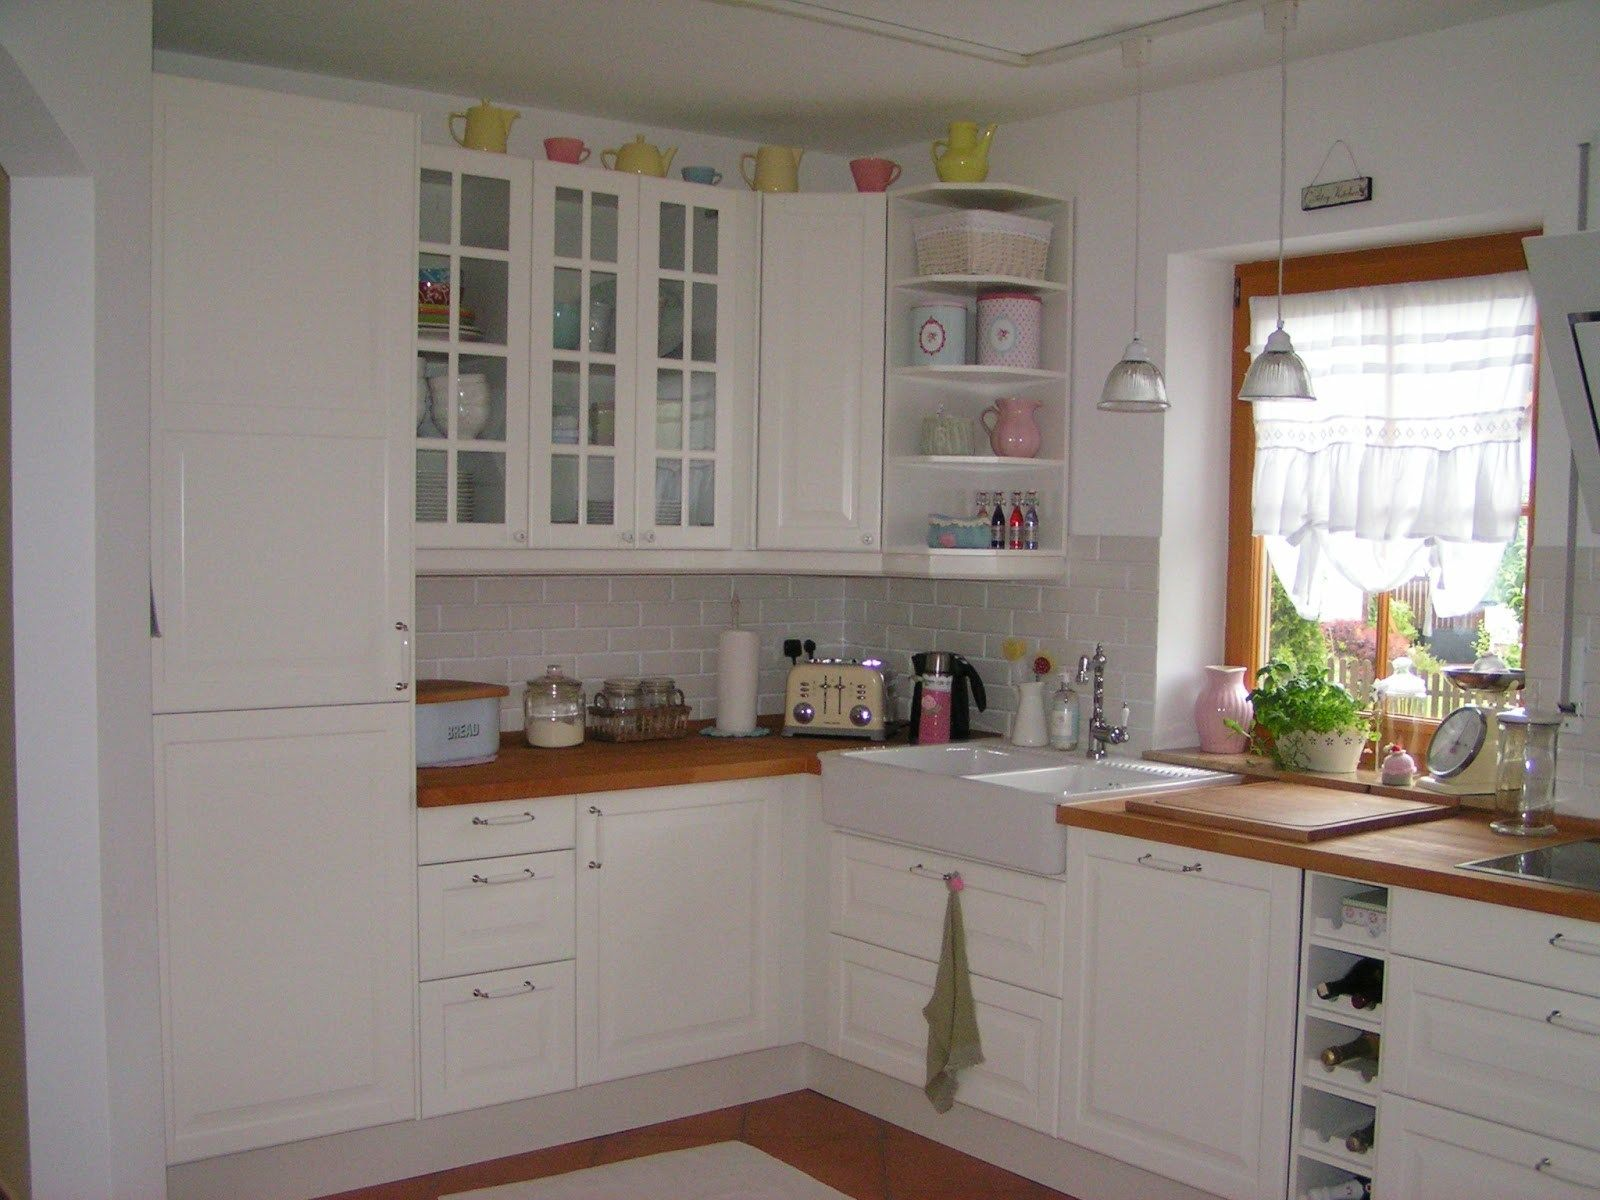 Bodbyn Wei Ikea Kitchens Pinterest   Upper kitchen cabinets, Kitchen design, Small kitchen ...